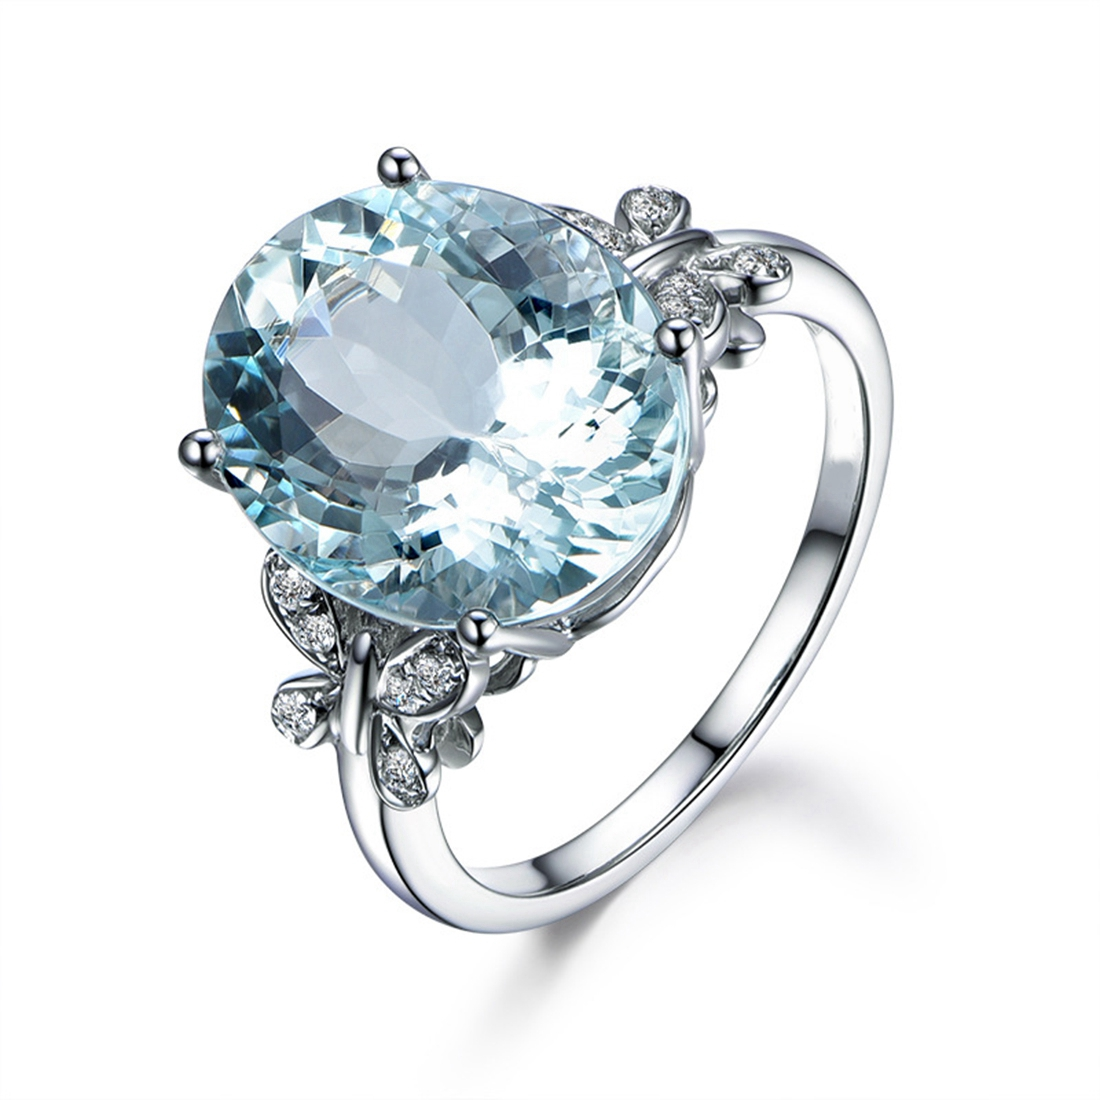 Большой синий камень Серебряная бабочка Кольца для Для женщин модные свадебные Обручение ювелирные изделия